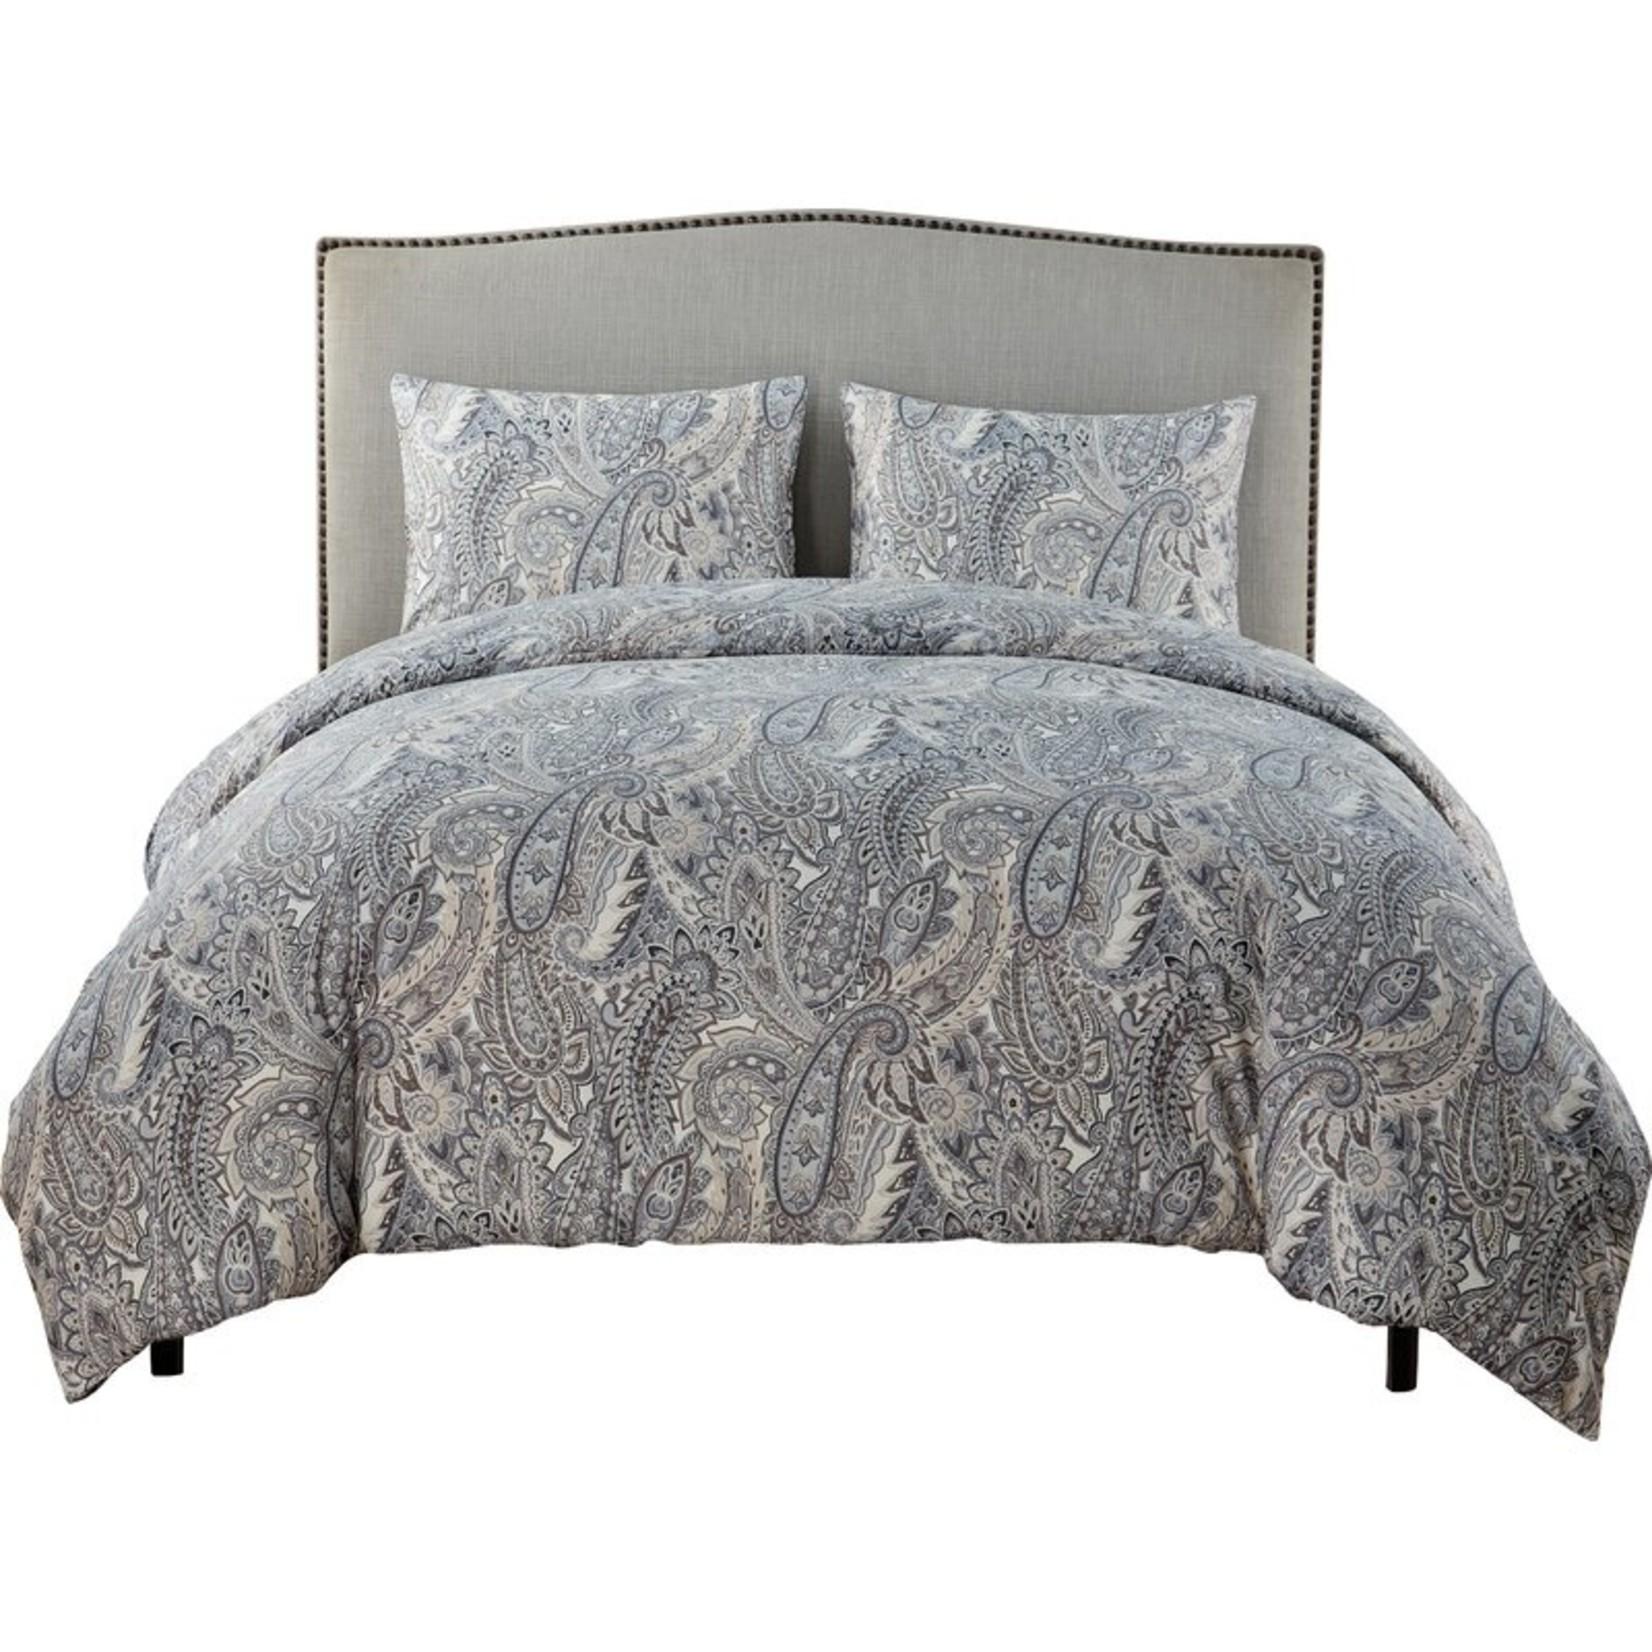 *Full/Queen - Chenley 3 Piece Duvet Cover Set - Gray - Final Sale